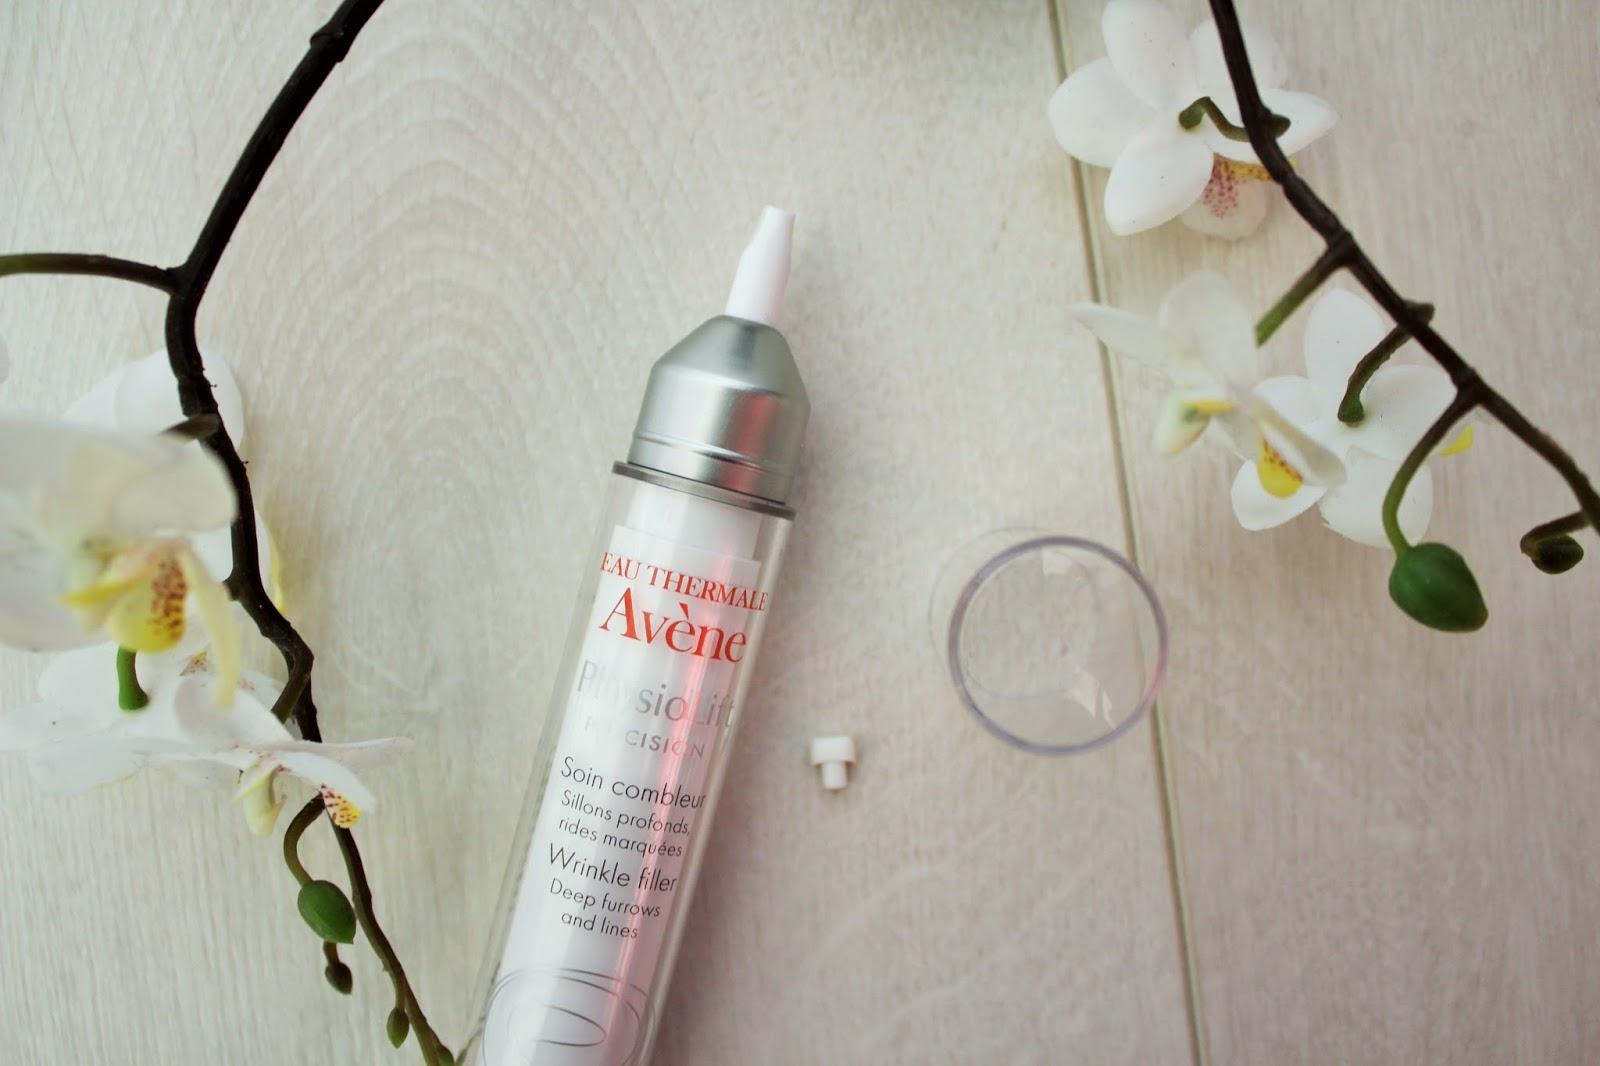 Avene PhysioLift range - Anti-Ageing skincare - Wrinkle Filler